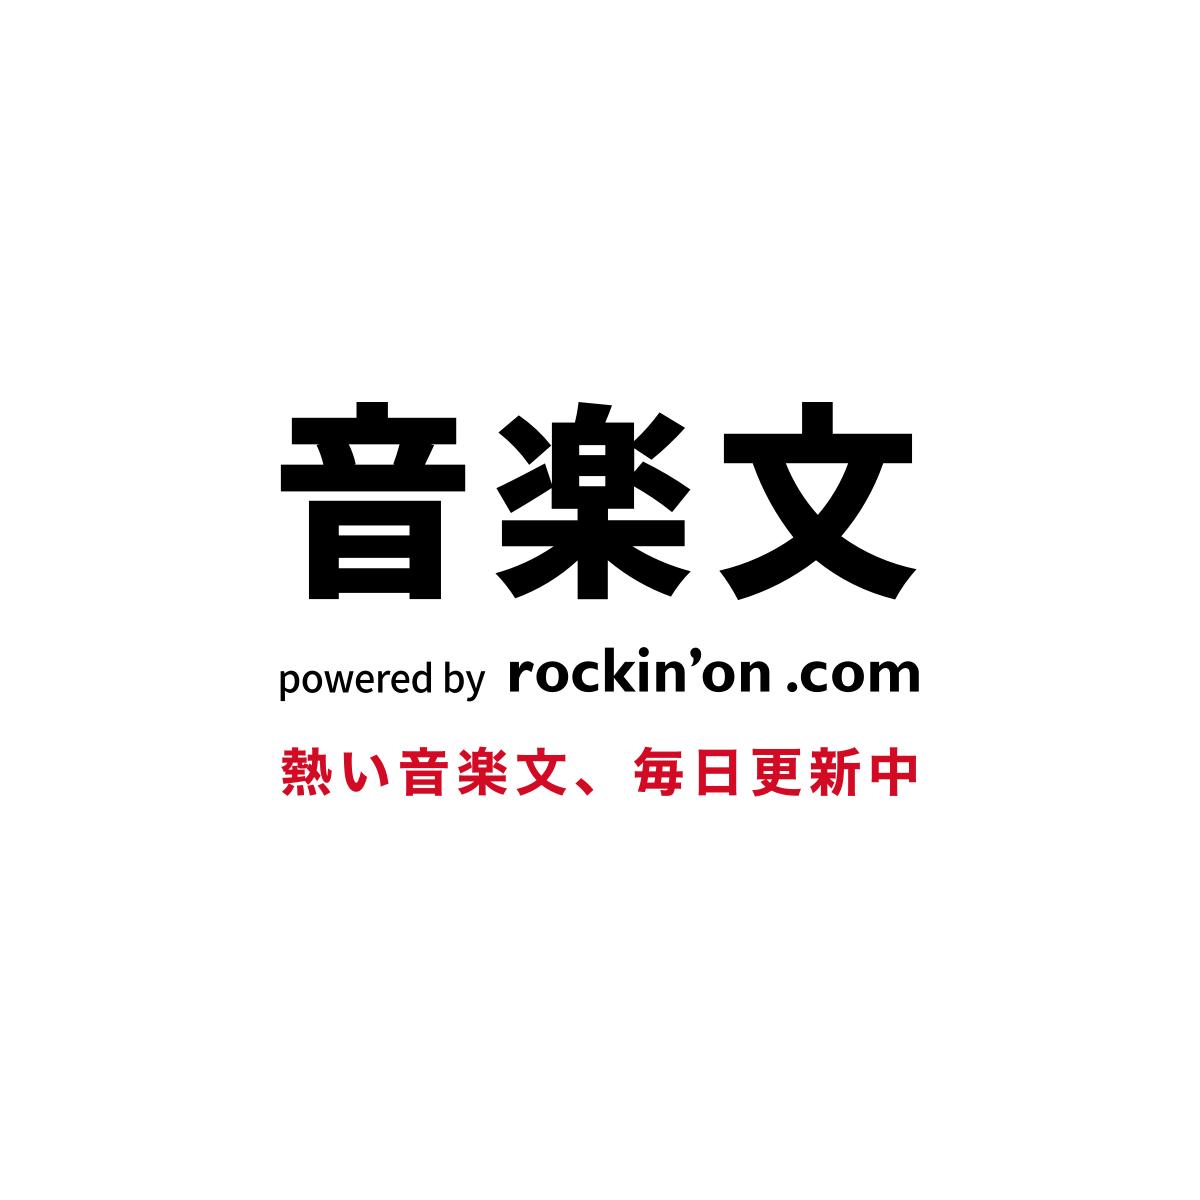 終わりと始まり。 – 34歳、おじさんへ向かう1人の男のリアル。平手友梨奈という衝撃。 (世界平和) | 音楽文 powered by rockinon.com